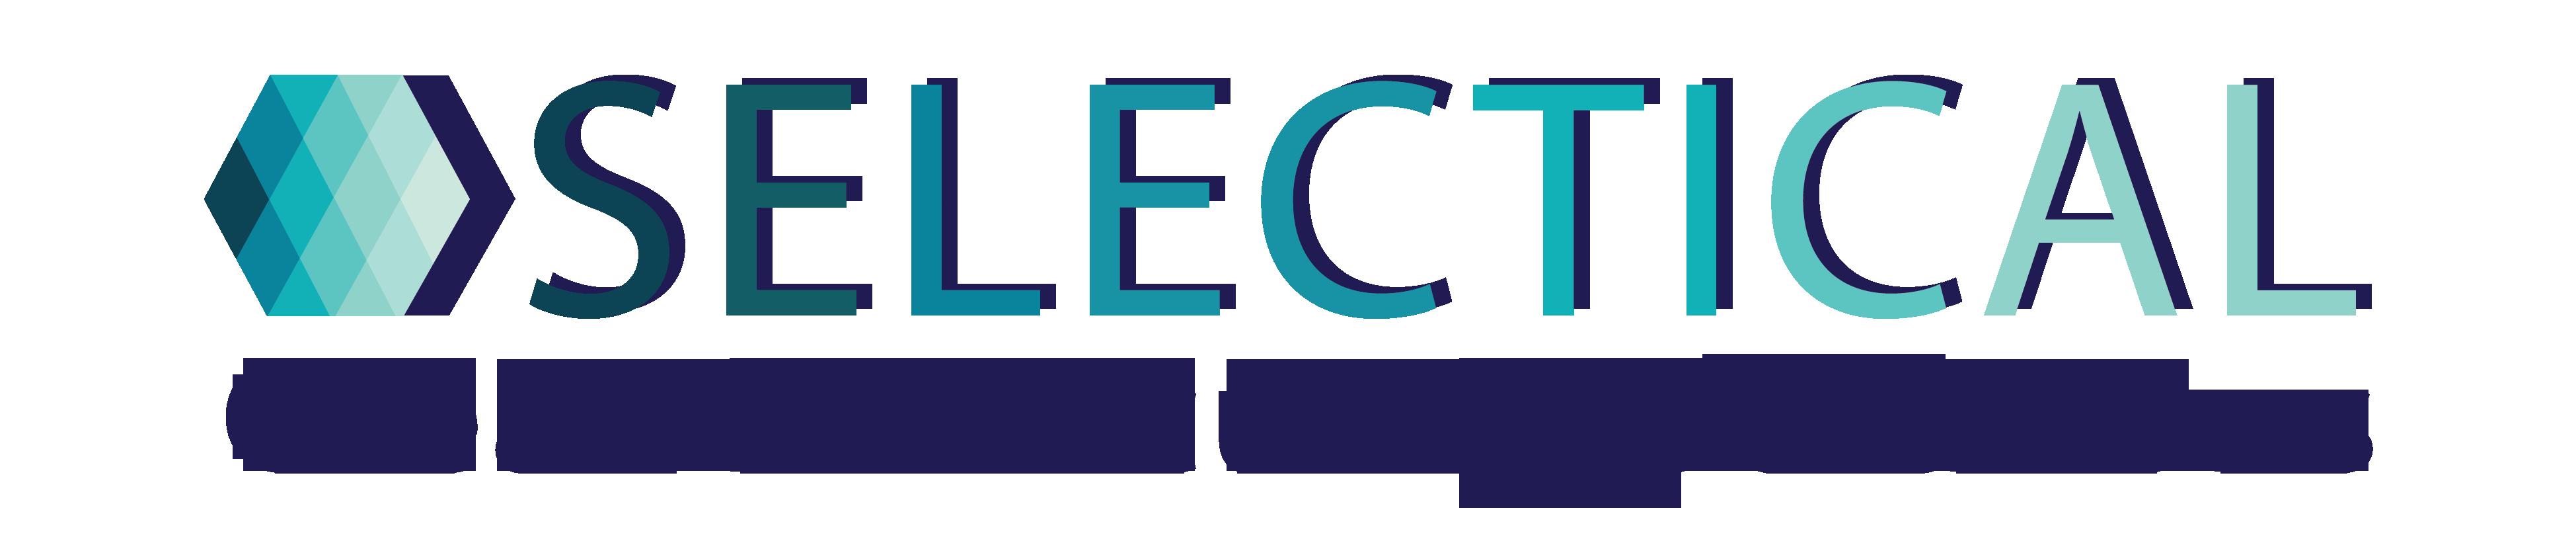 Selectical - Logo